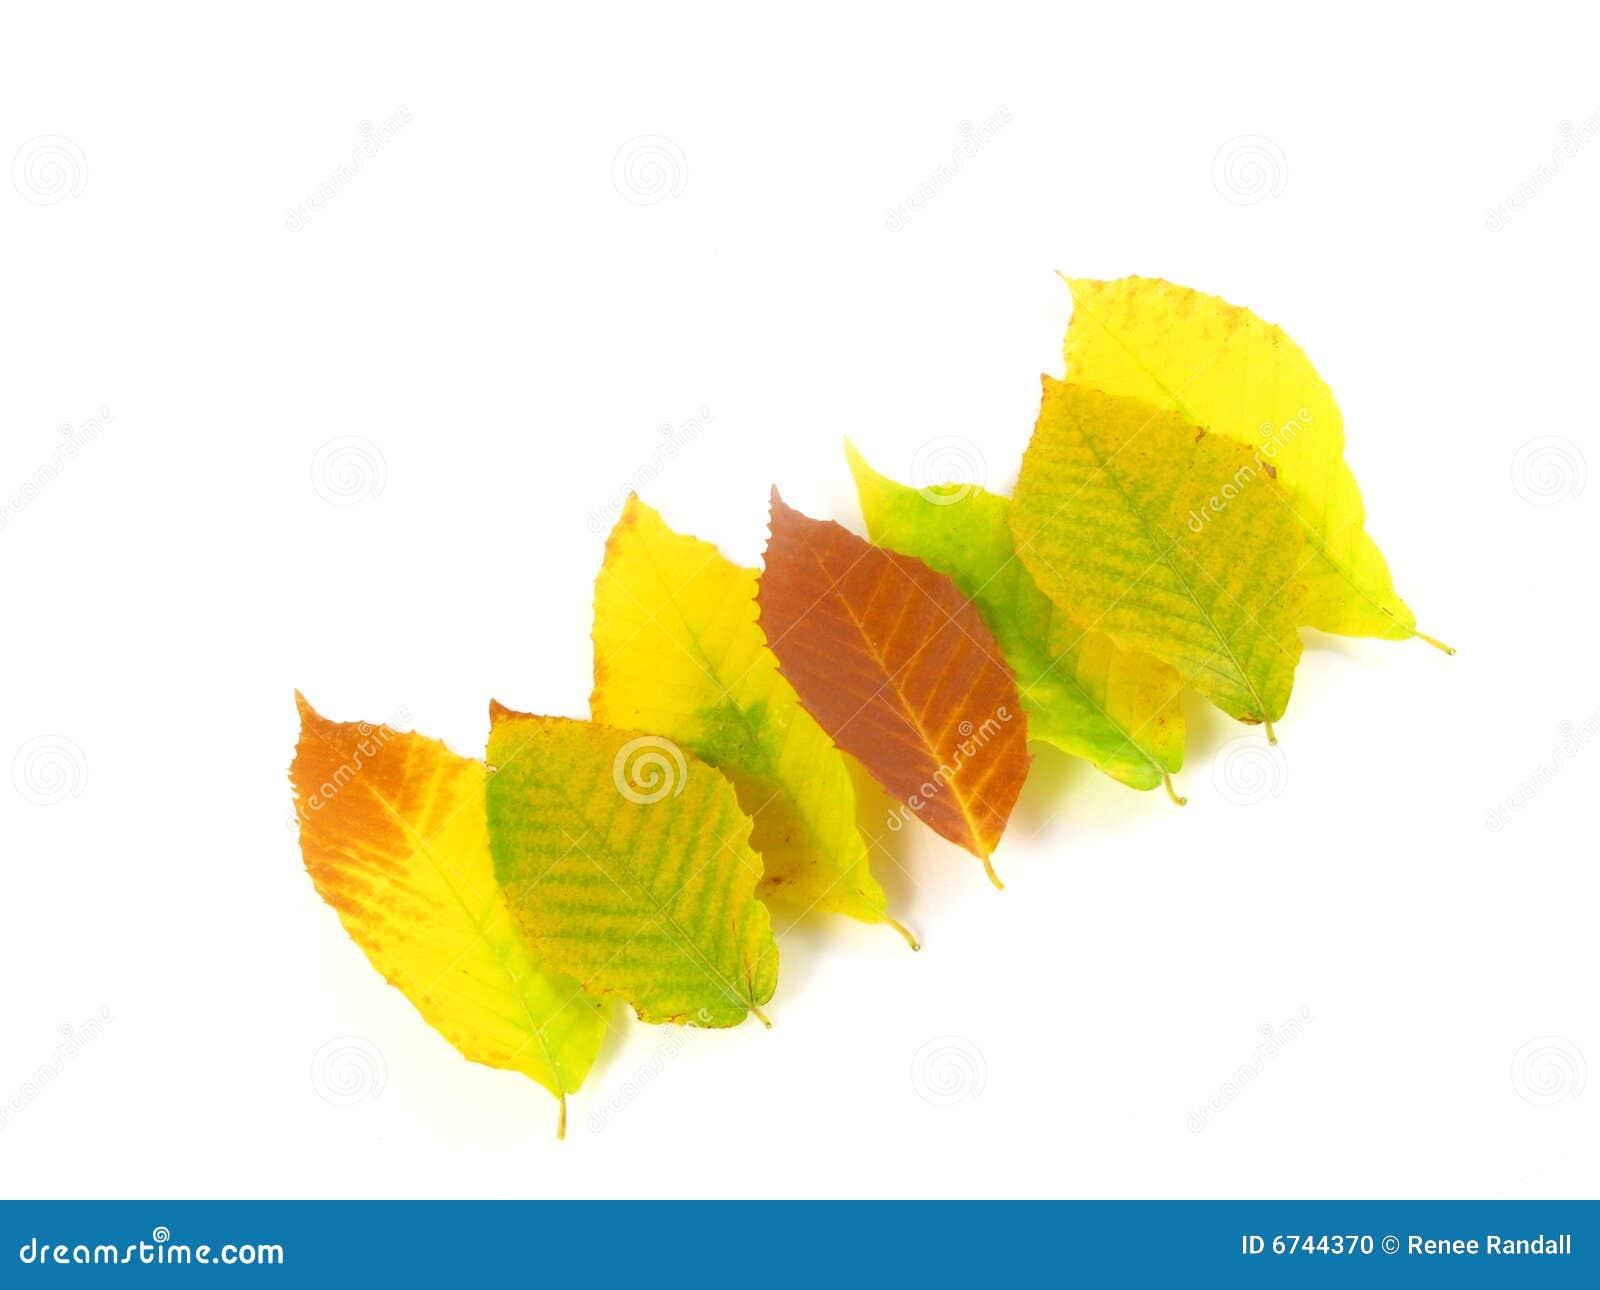 November October Autumn Leaf Foliage Fall Leaves